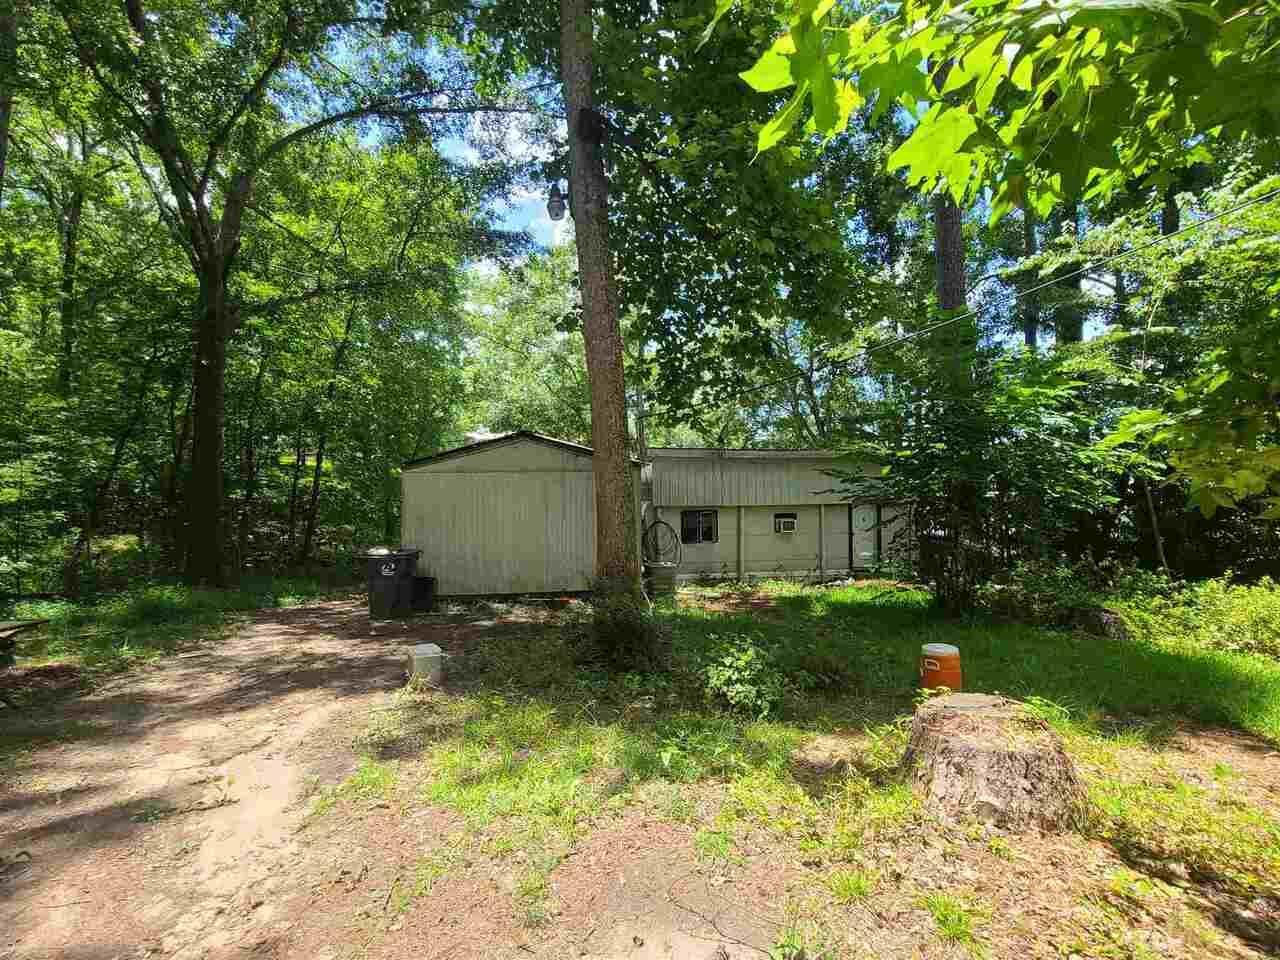 103 W Bearcreek, Eatonton, GA 31024 - MLS#: 9015639